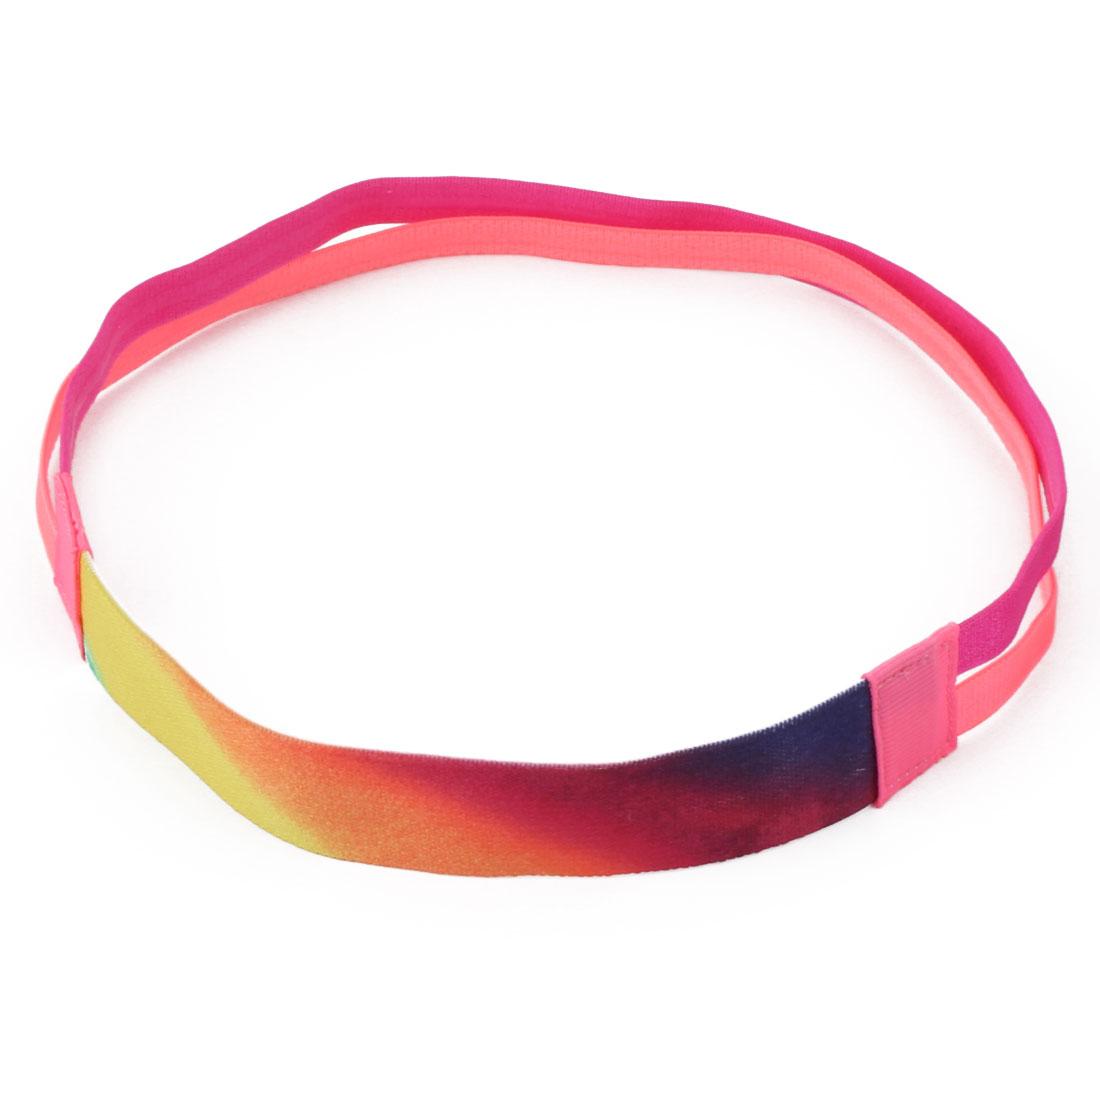 Traning Silicone Double Line Design Non-slip Sports Headband Headwrap Pink Fuchsia